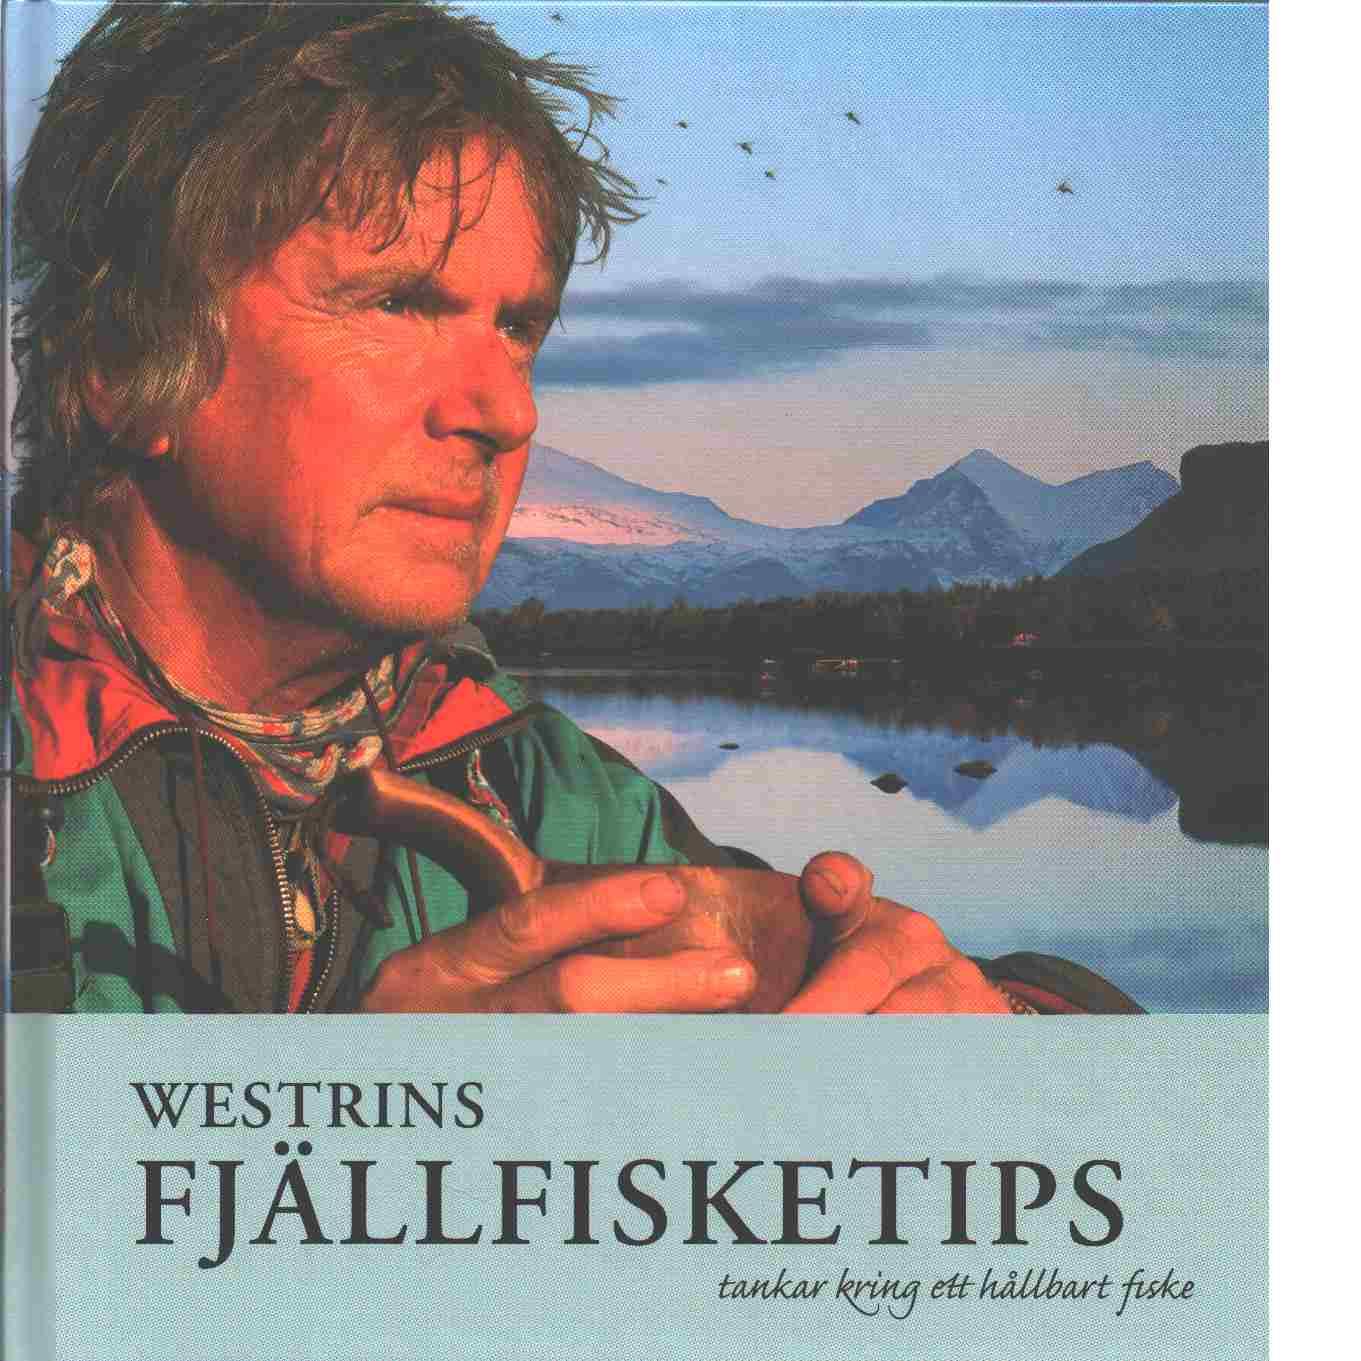 Westrins fjällfisketips : tankar kring ett hållbart fiske - Westrin, Gunnar